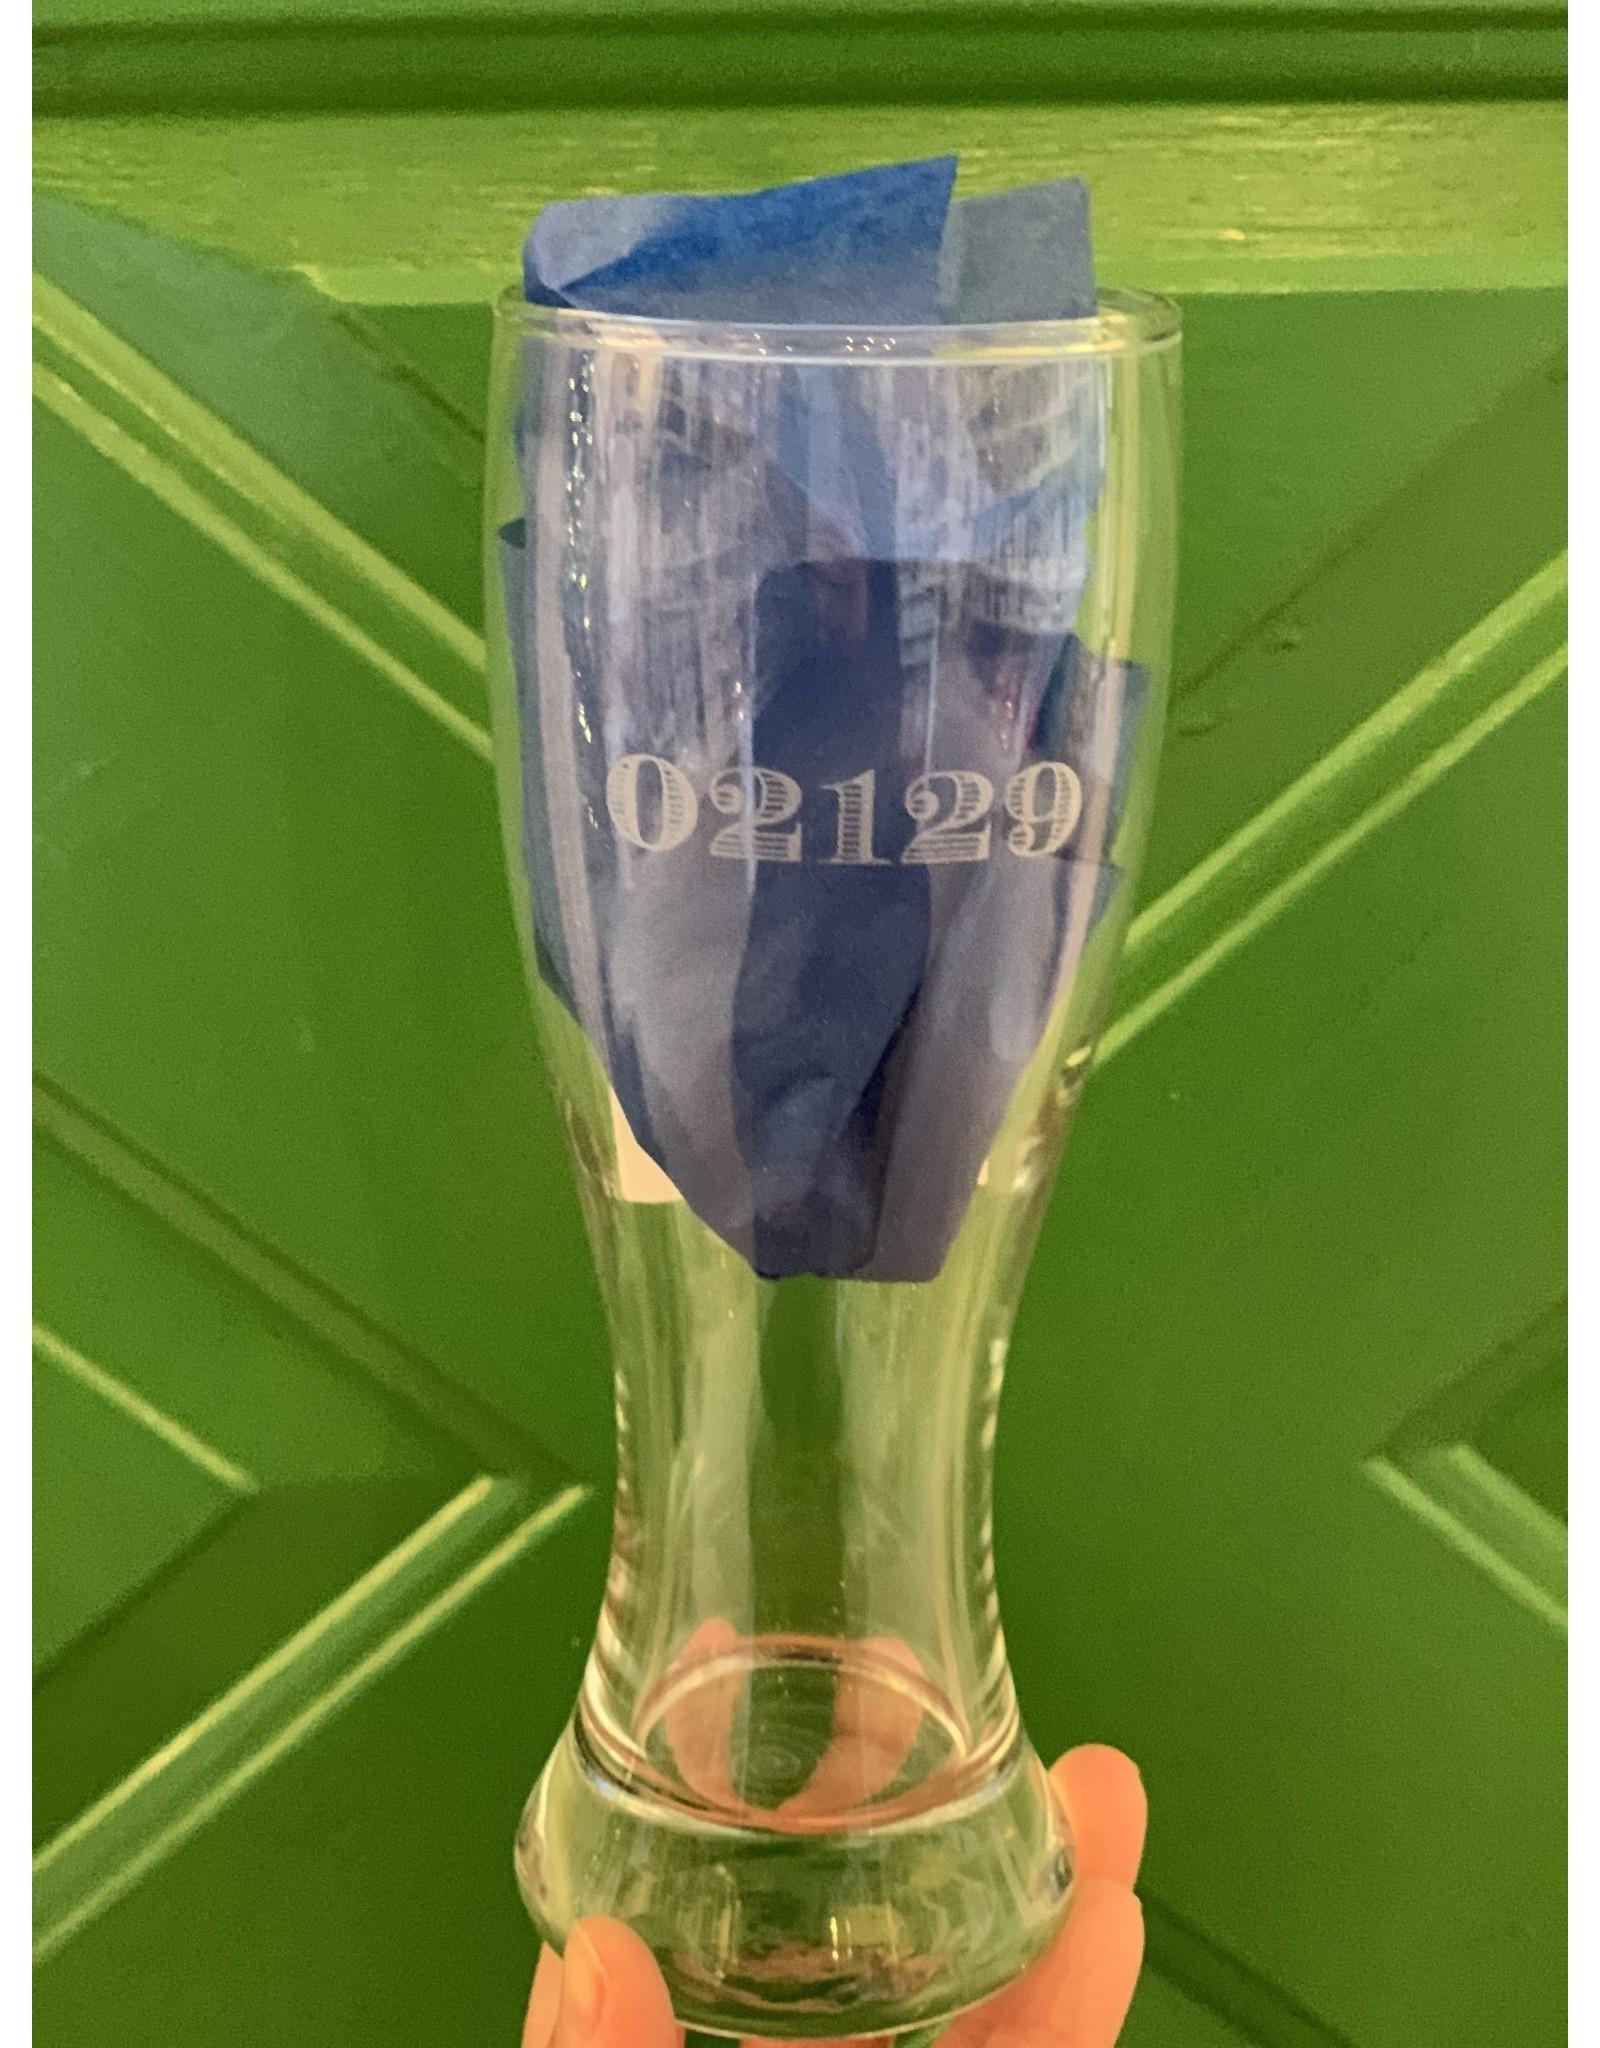 Maple Leaf at Home 02129 Pilsner Beer Glass